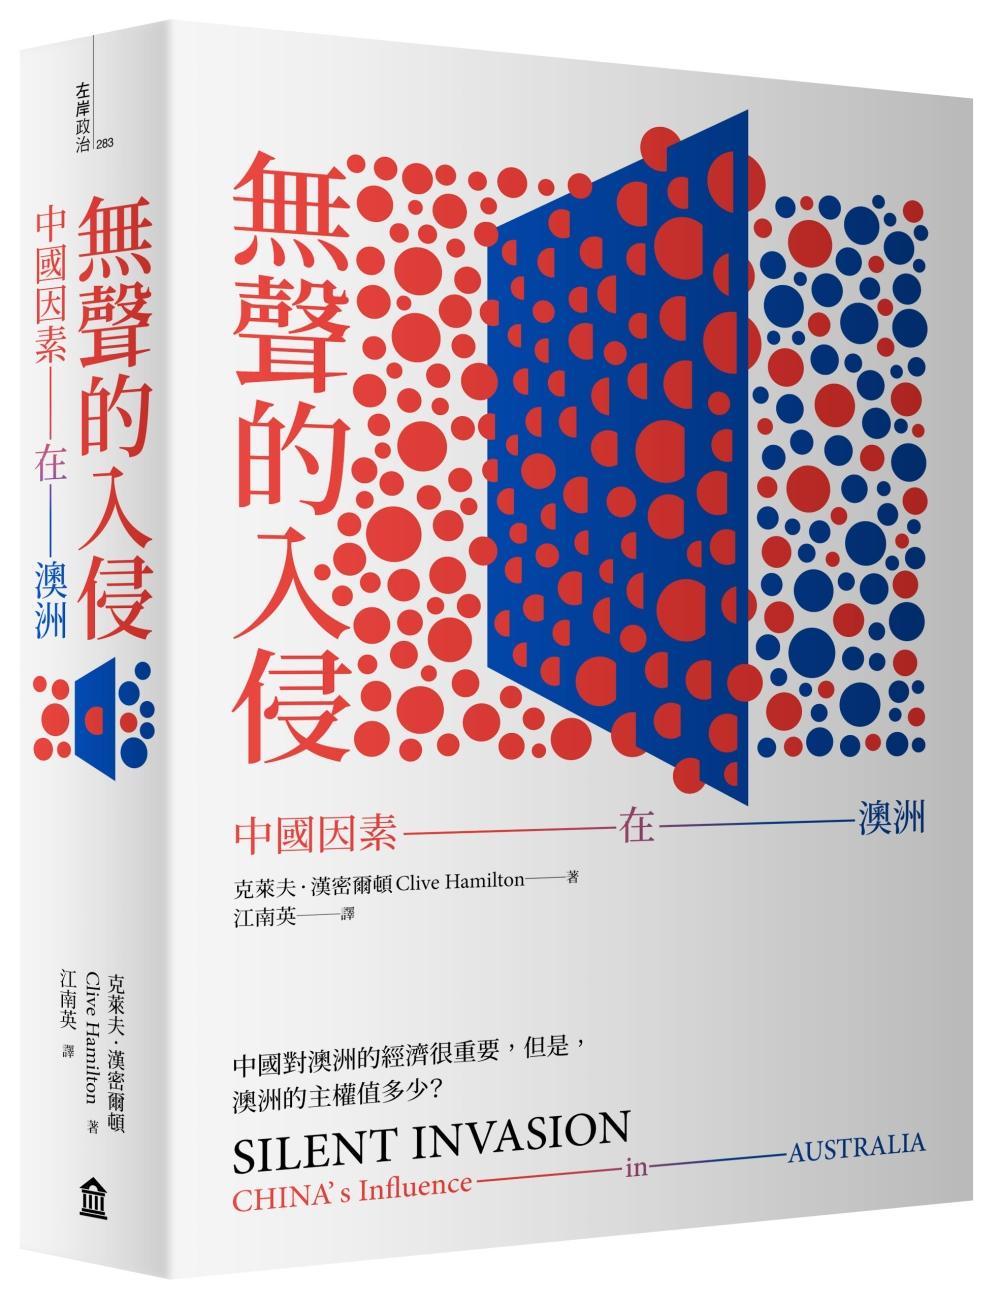 無聲的入侵:中國因素在澳洲